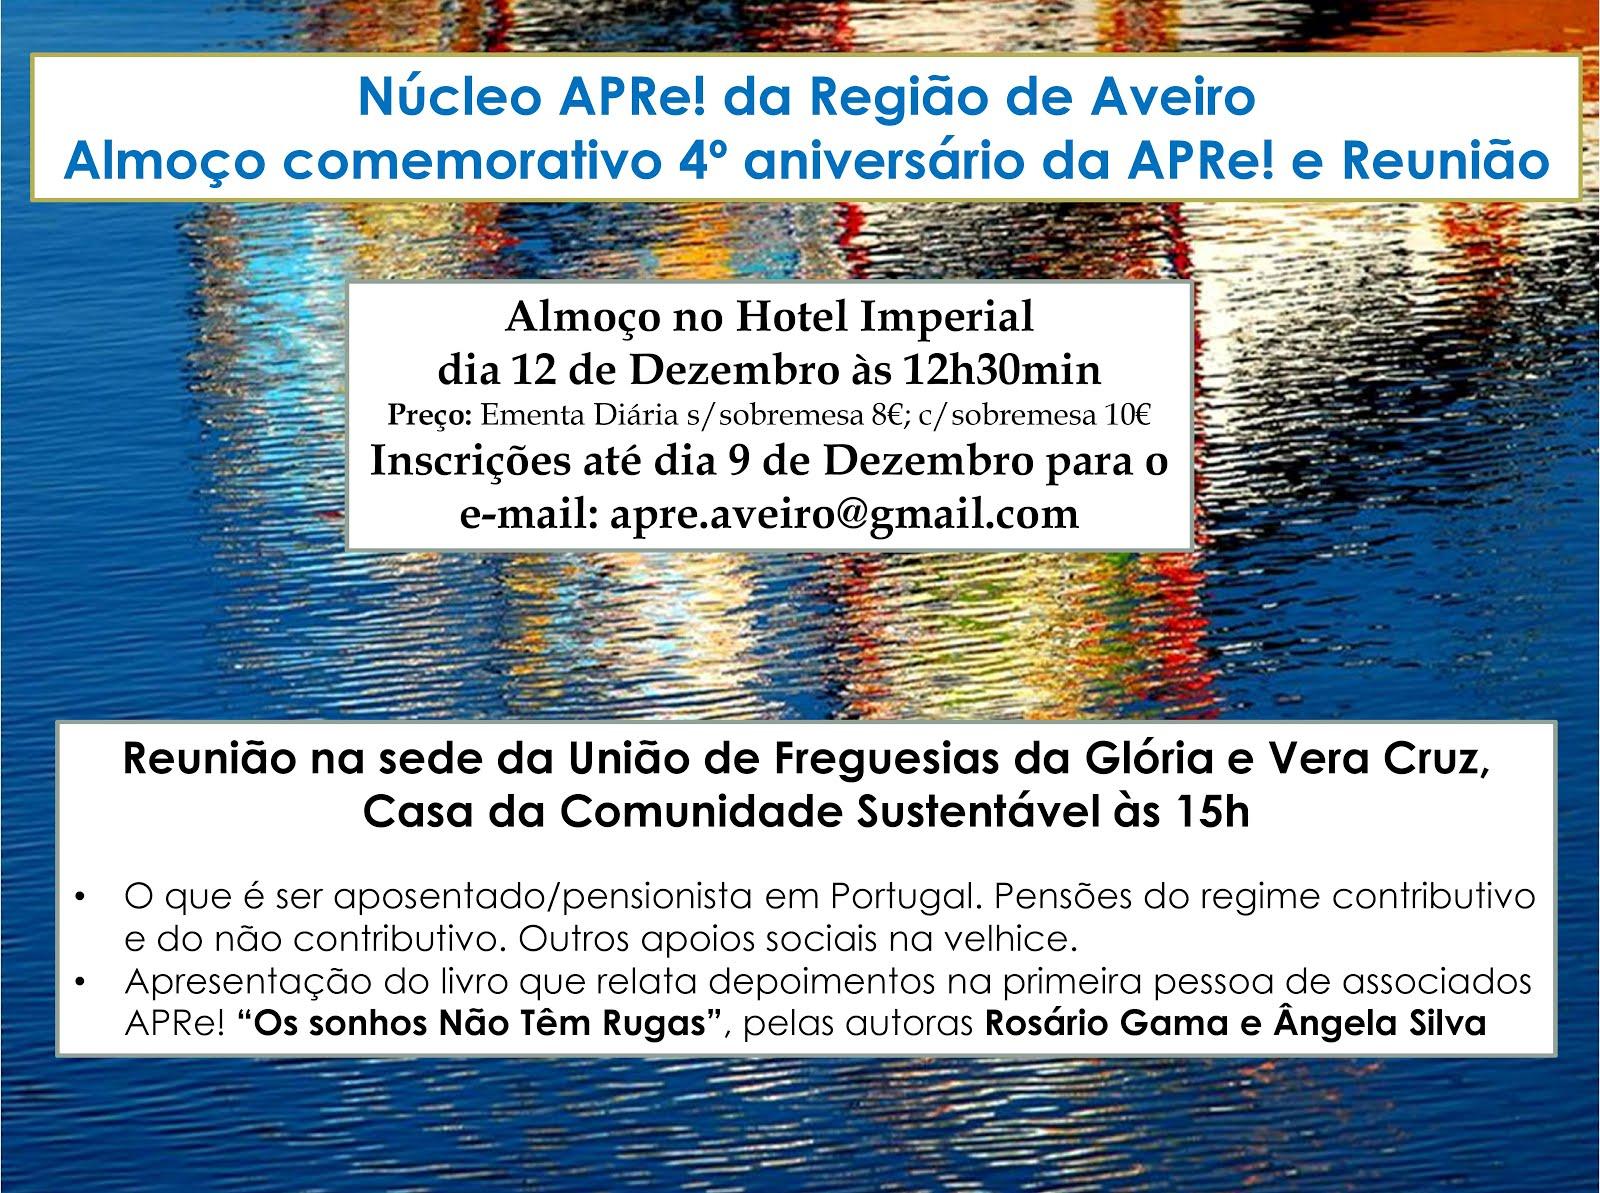 Núcleo APRe! da Região de Aveiro, almoço e reunião comemorativa do 4º aniversário da APRe!